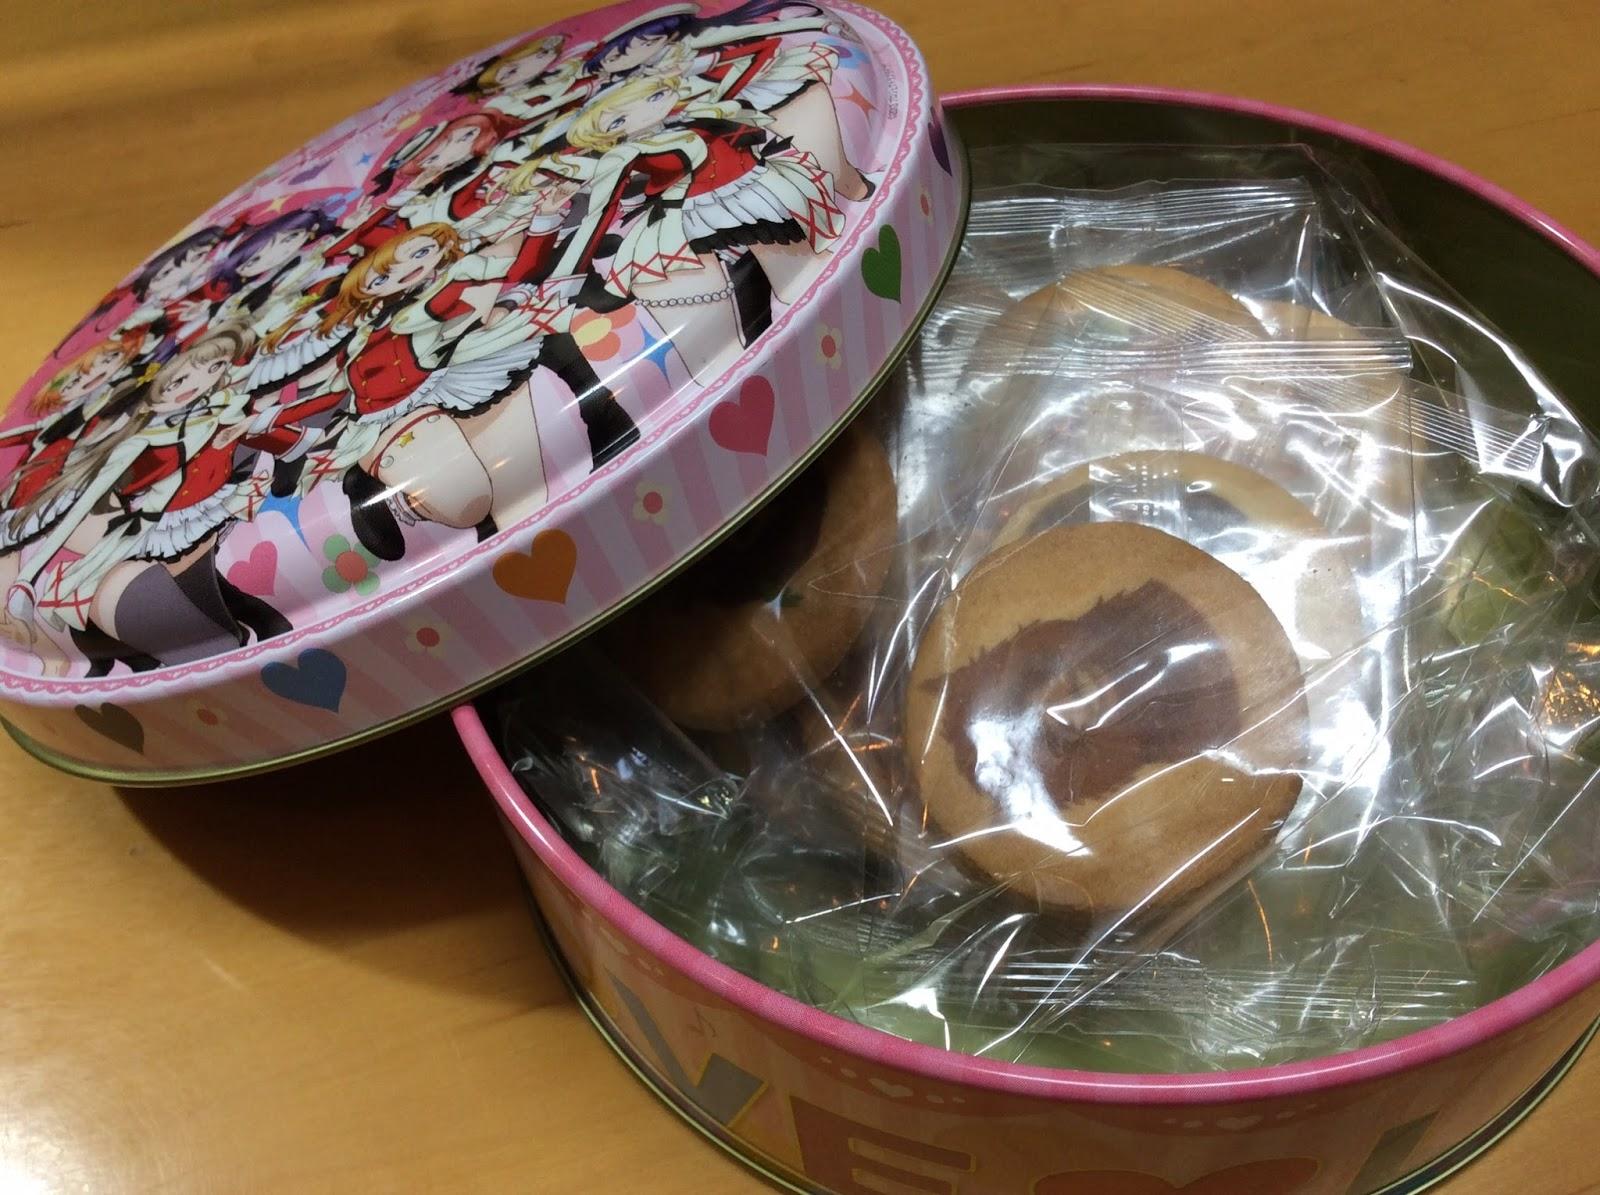 【プライズレビュー】ラブライブ! ハイクオリティお菓子缶【セガプライズ】